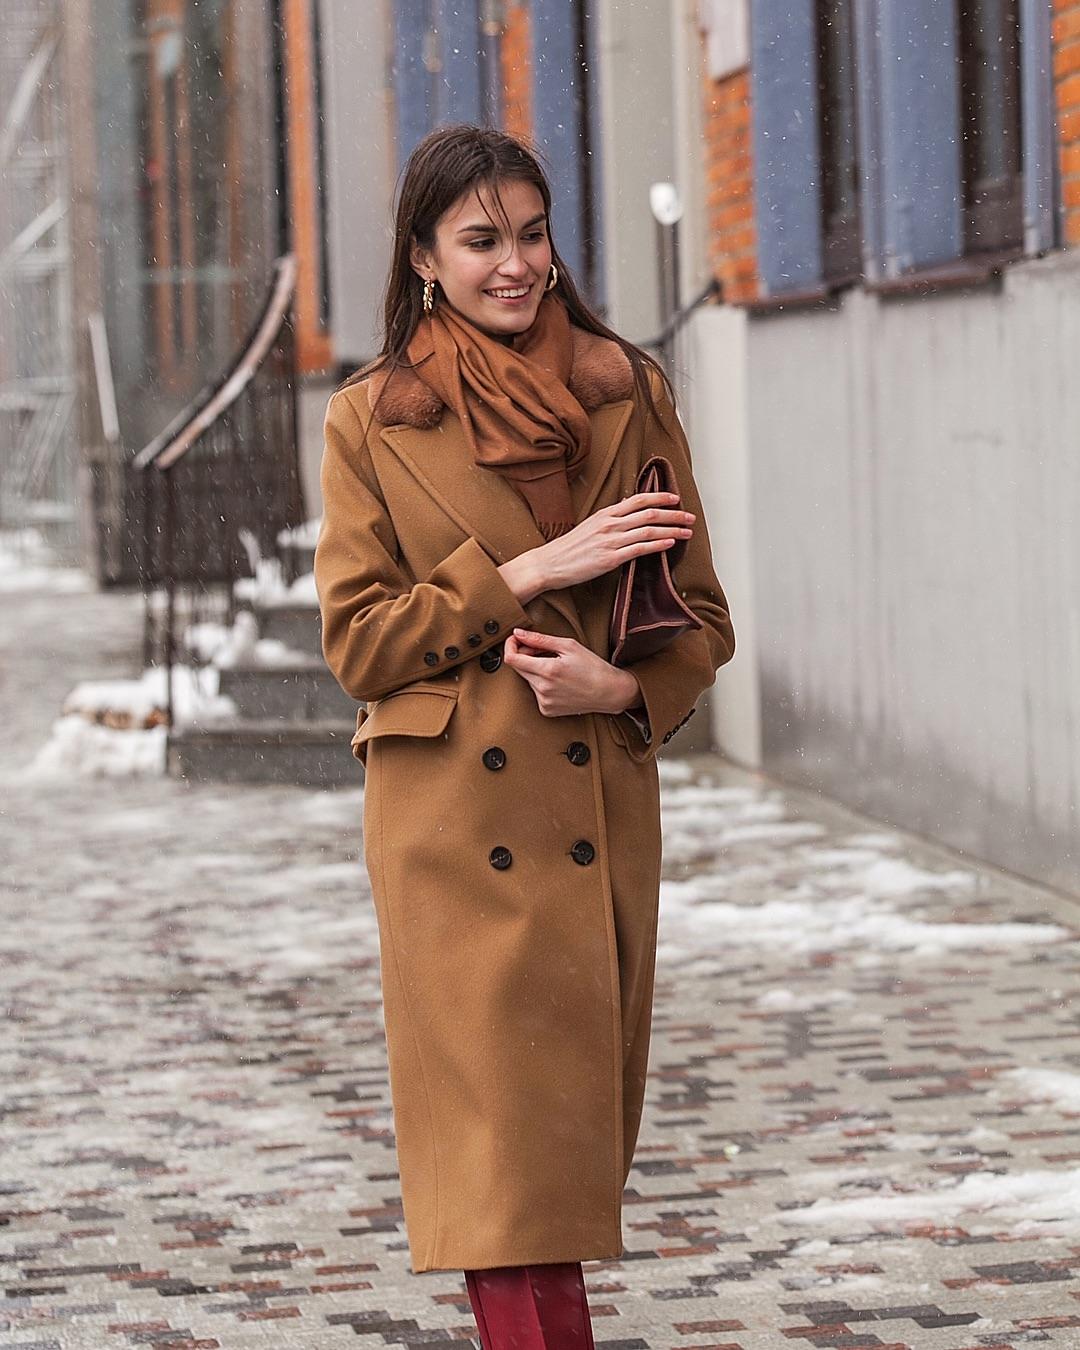 Цвет мокко в одежде: как и с чем носить наряды кофейных оттенков этой осенью фото 4